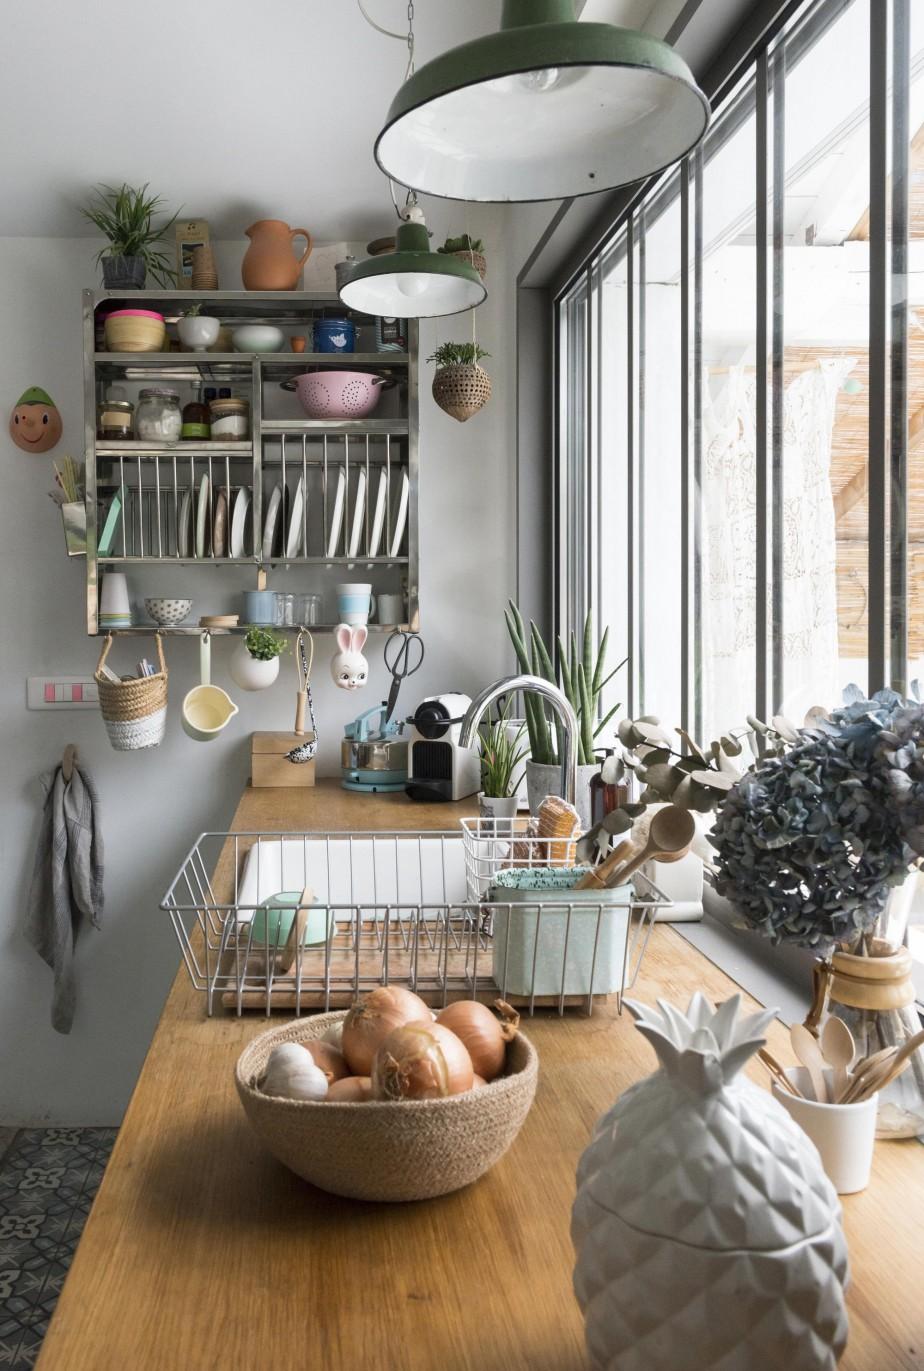 Inspiration déco pour cette jolie cuisine, vibrante et familiale. La bonne idée déco : accumuler les plantes dans la cuisine ! Retrouvez toutes les photos de cet intérieur dans l'article.